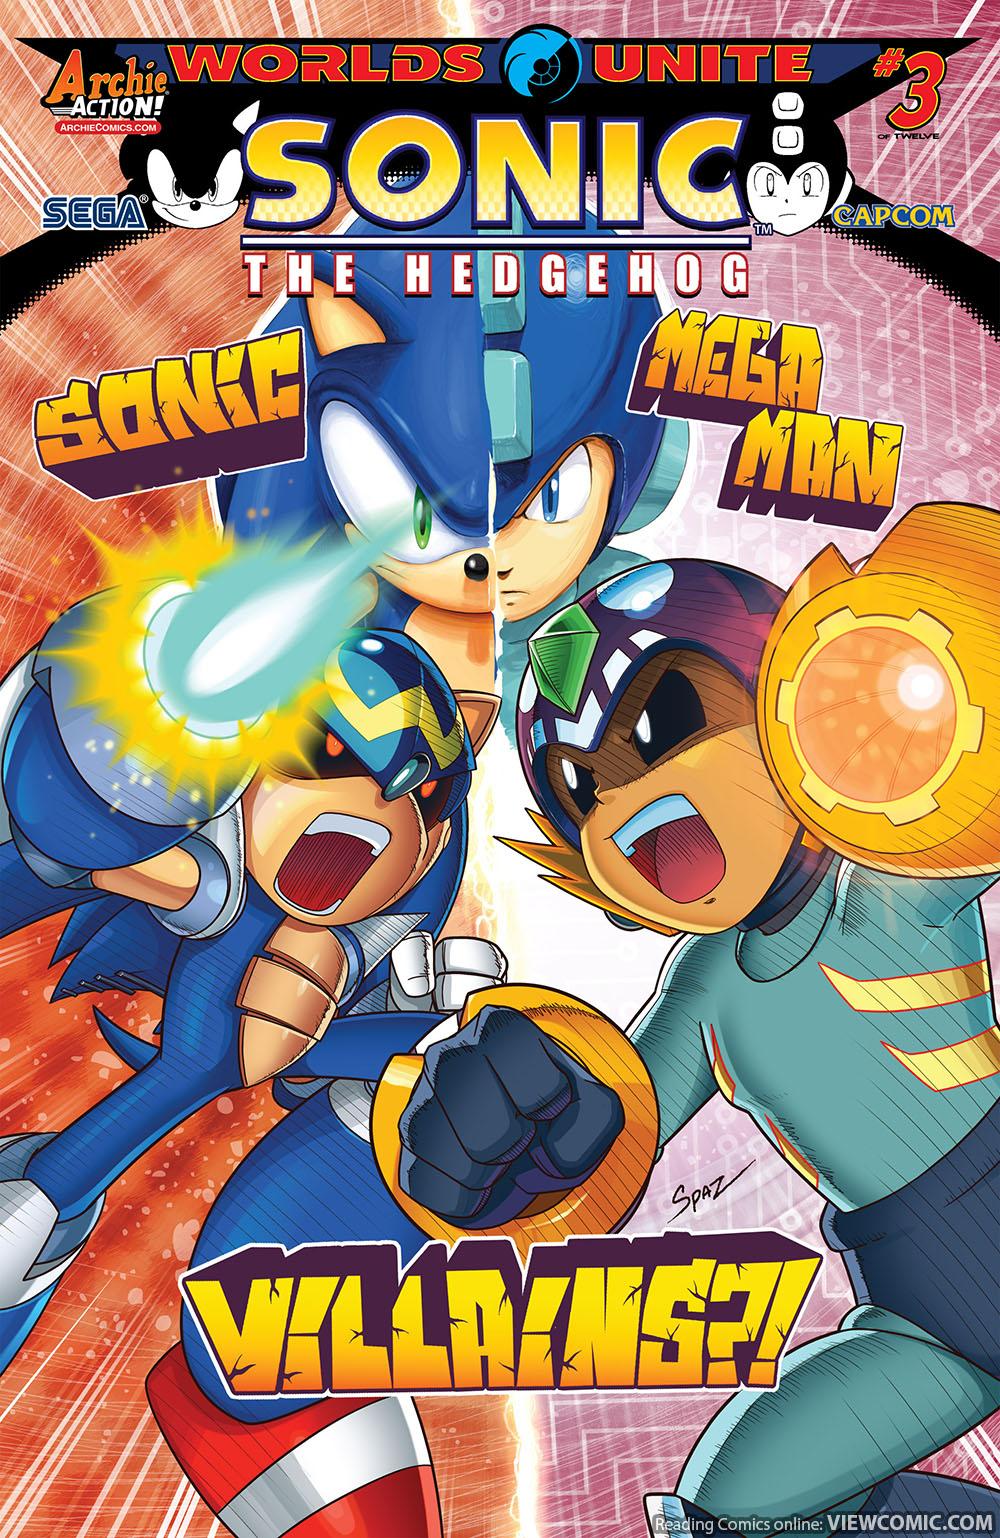 sonic the hedgehog 273 2015 viewcomic reading comics